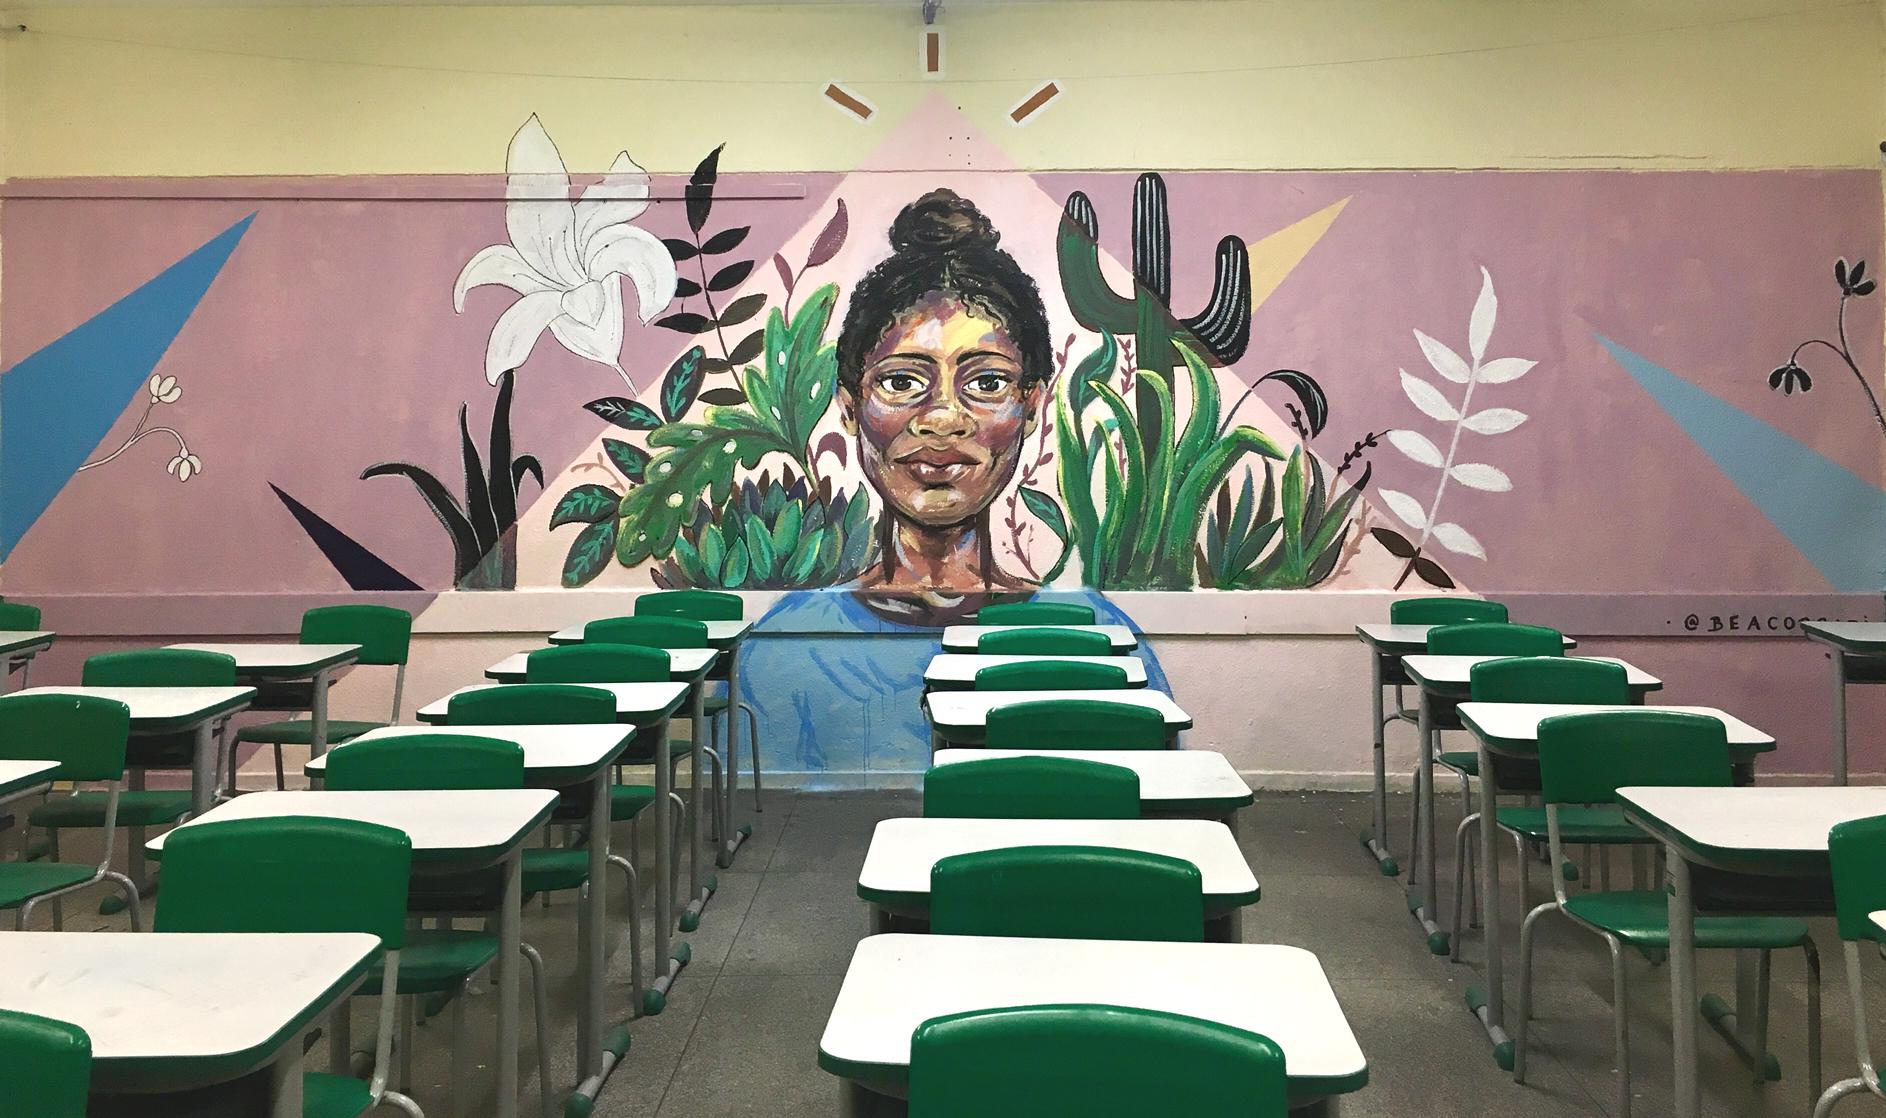 escola2